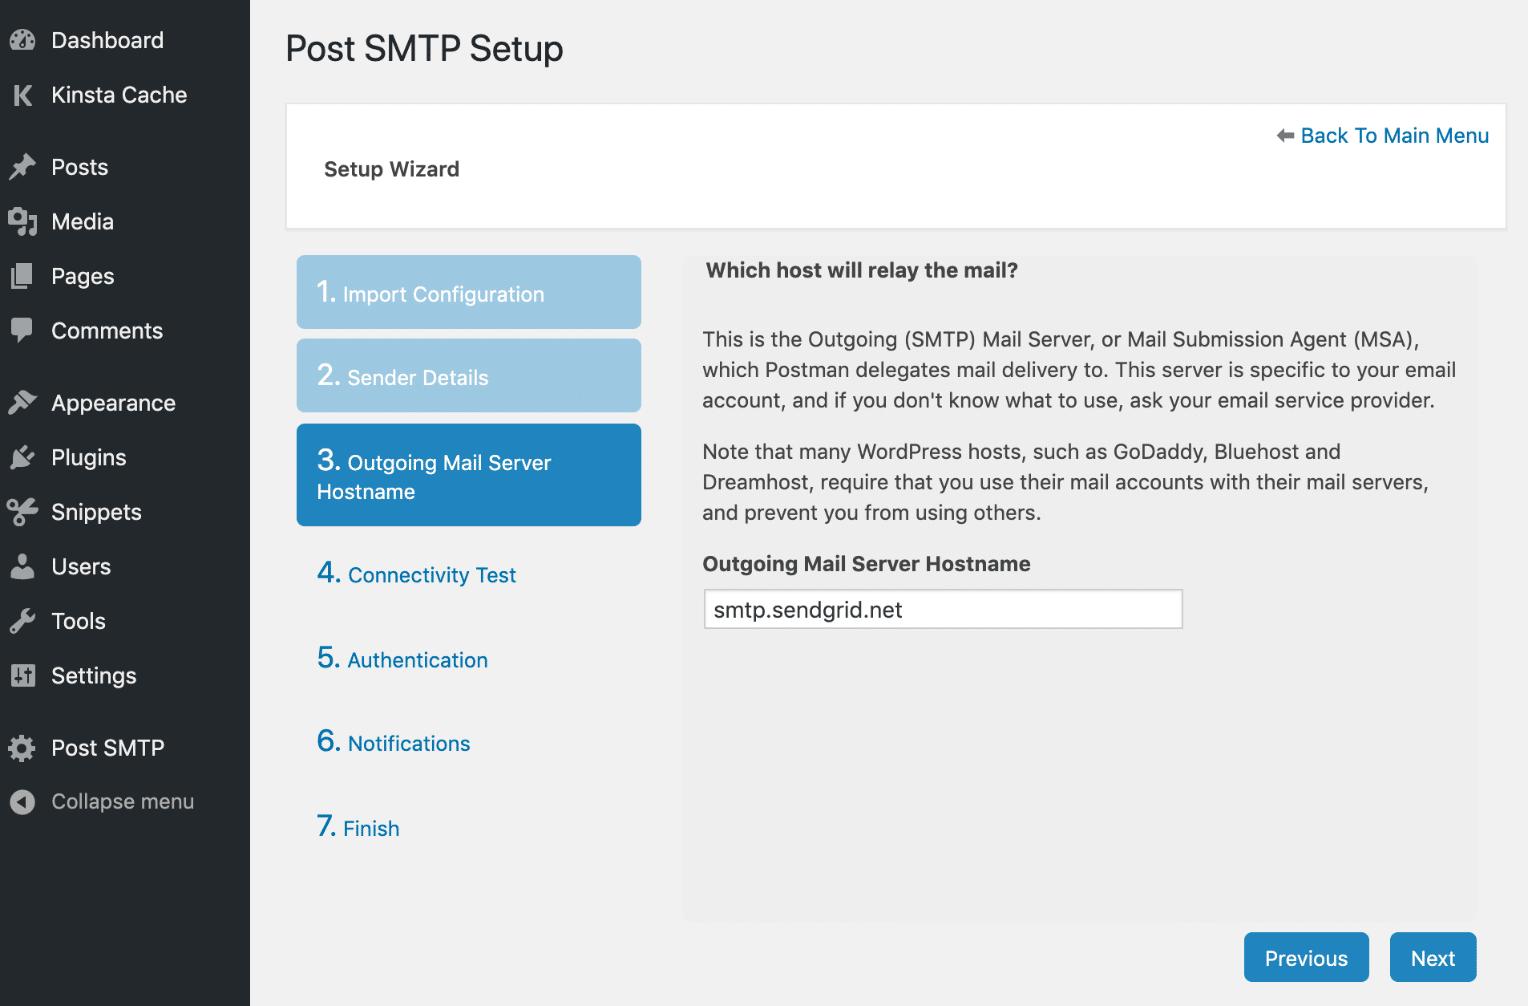 Hostname del servidor de Mails Salientes de Post SMTP